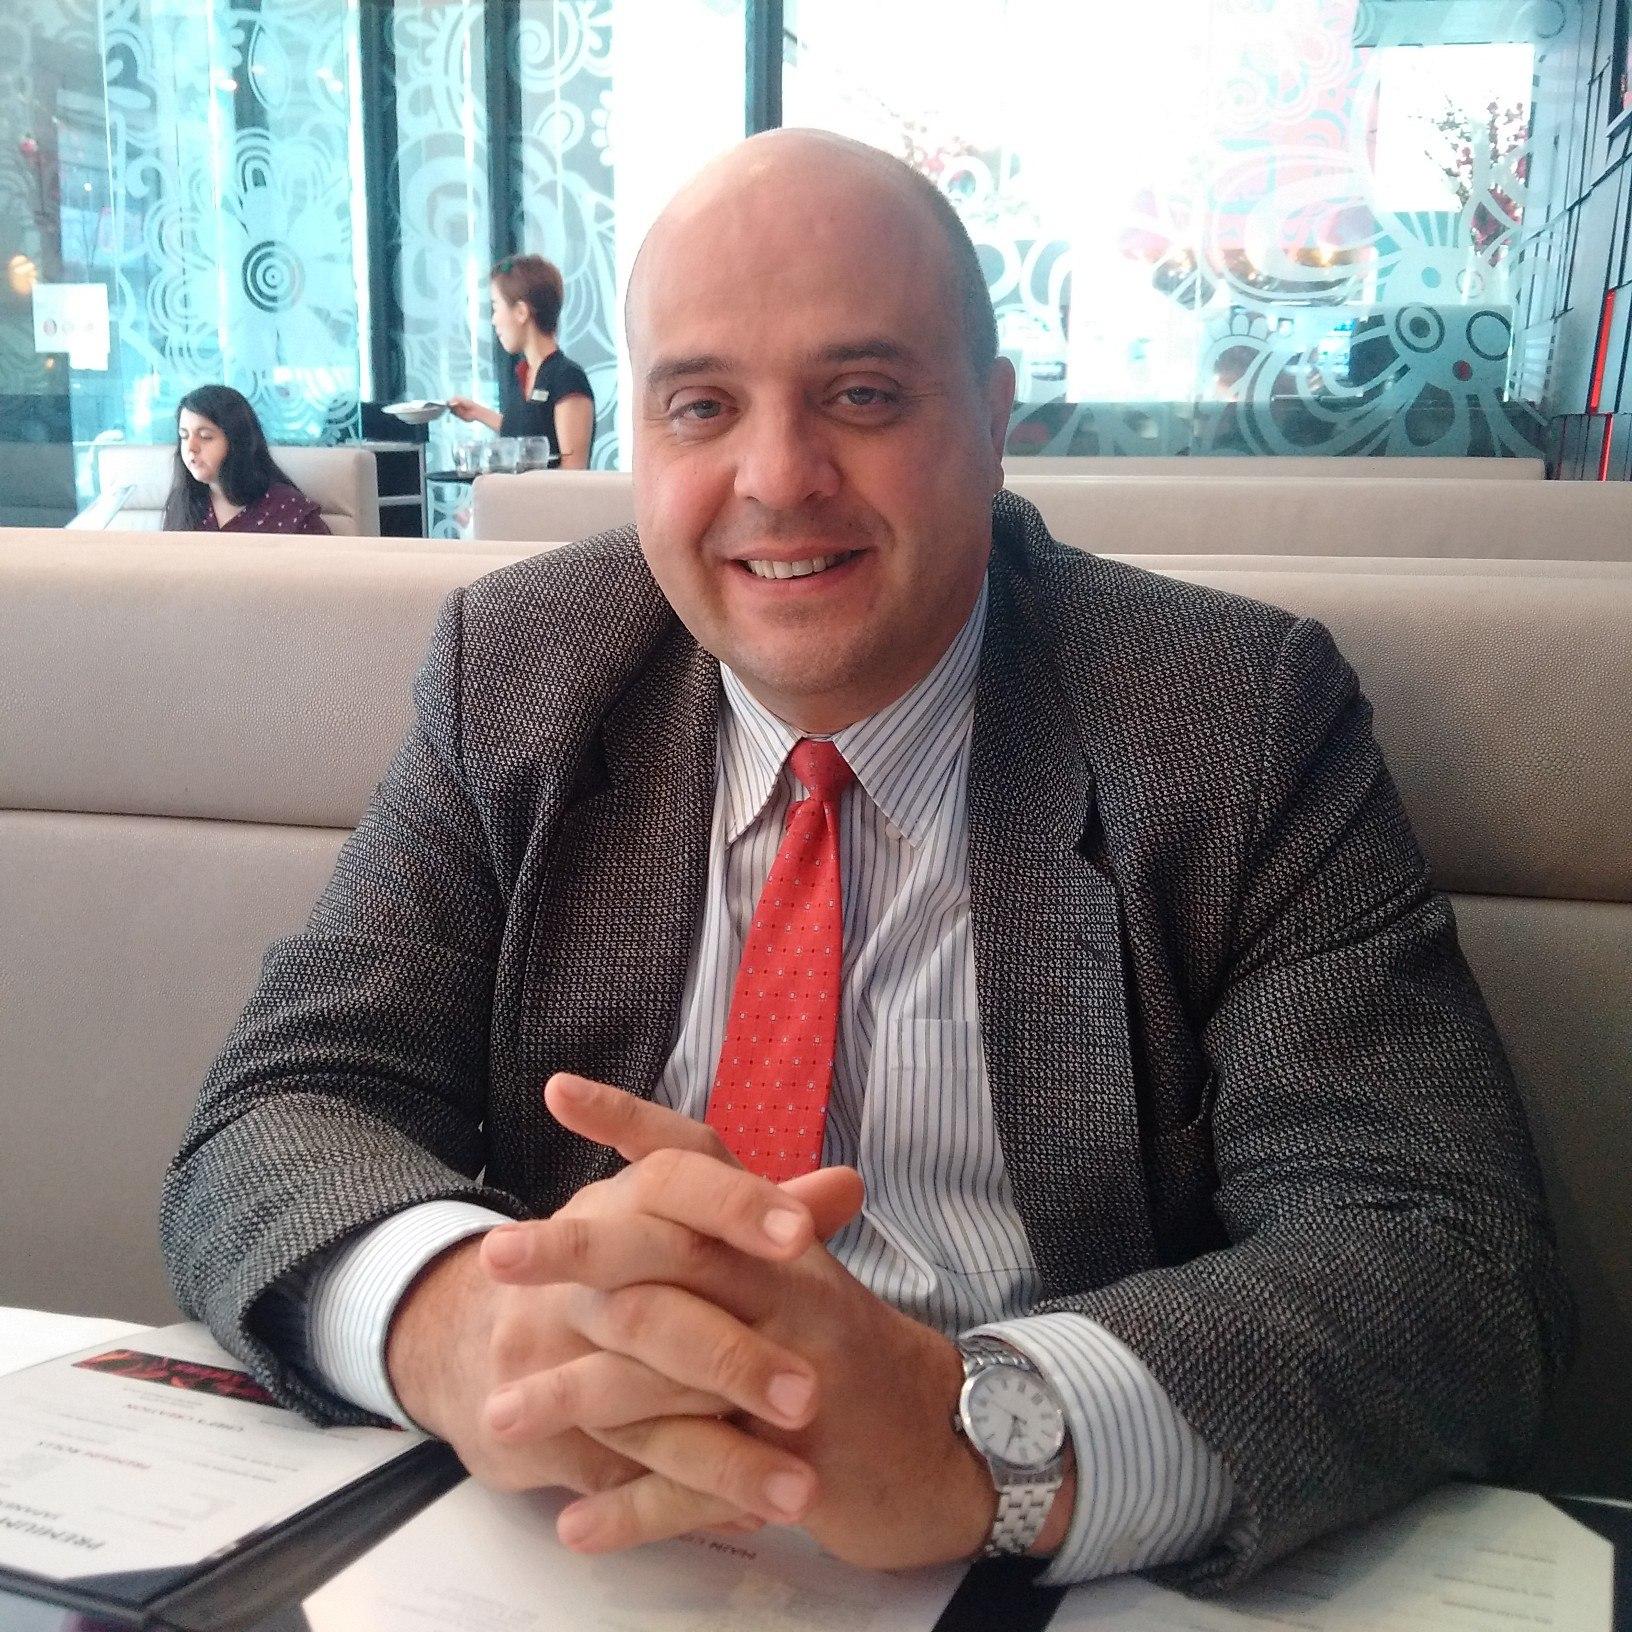 юрист по трудовому законодательству консультации